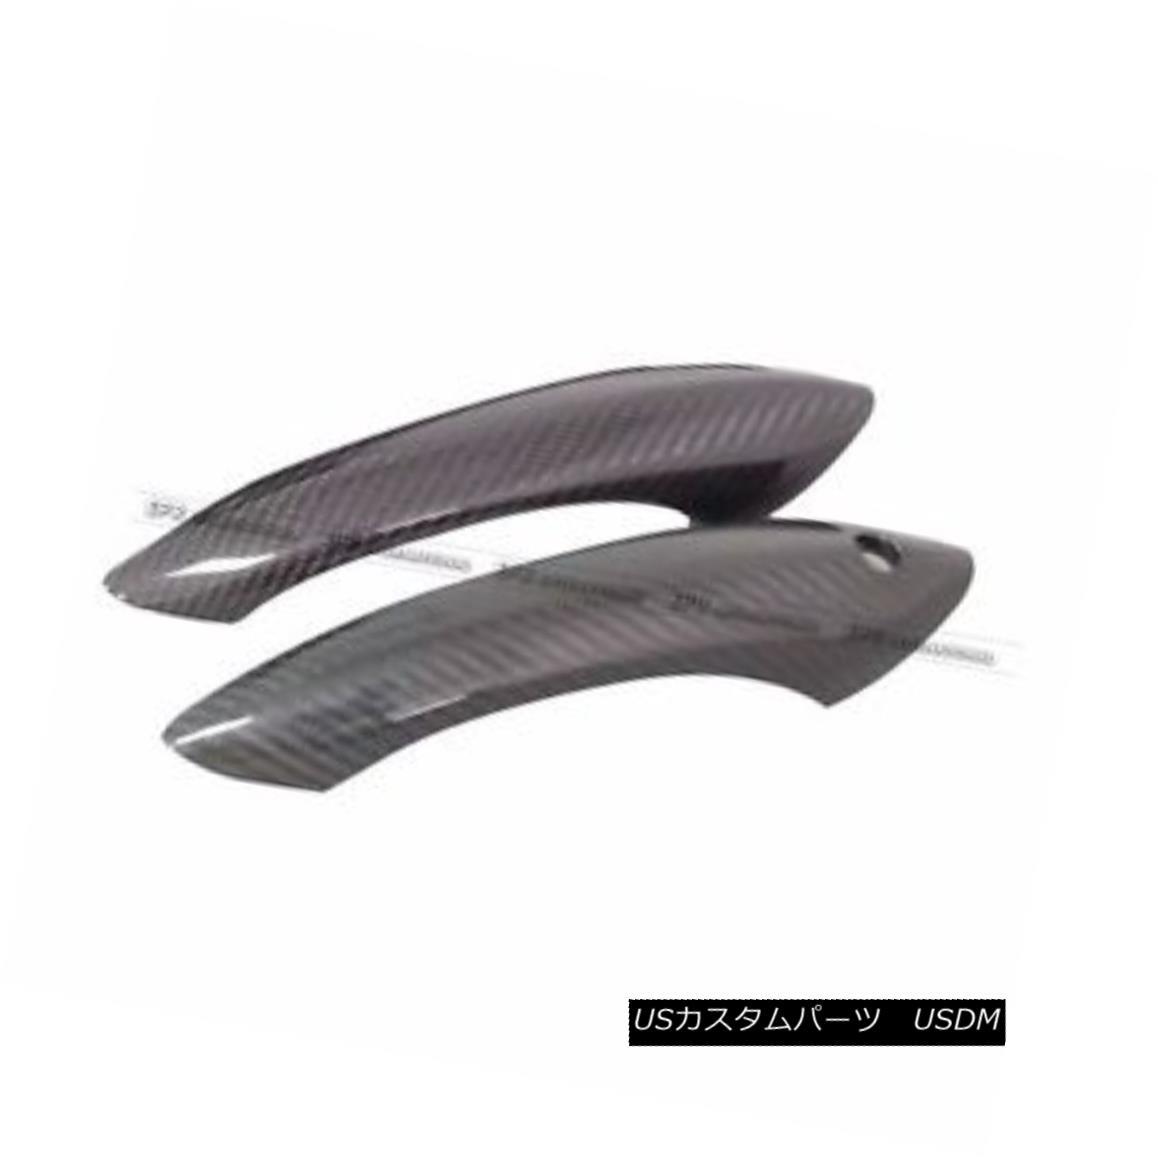 エアロパーツ Carbon Fiber Outter Door Handle Cover Trim For BMW 05-15 E90 E92 E93 F30 F35 2Dr BMW用カーボンファイバー製アウターハンドルカバートリム05-15 E90 E92 E93 F30 F35 2Dr